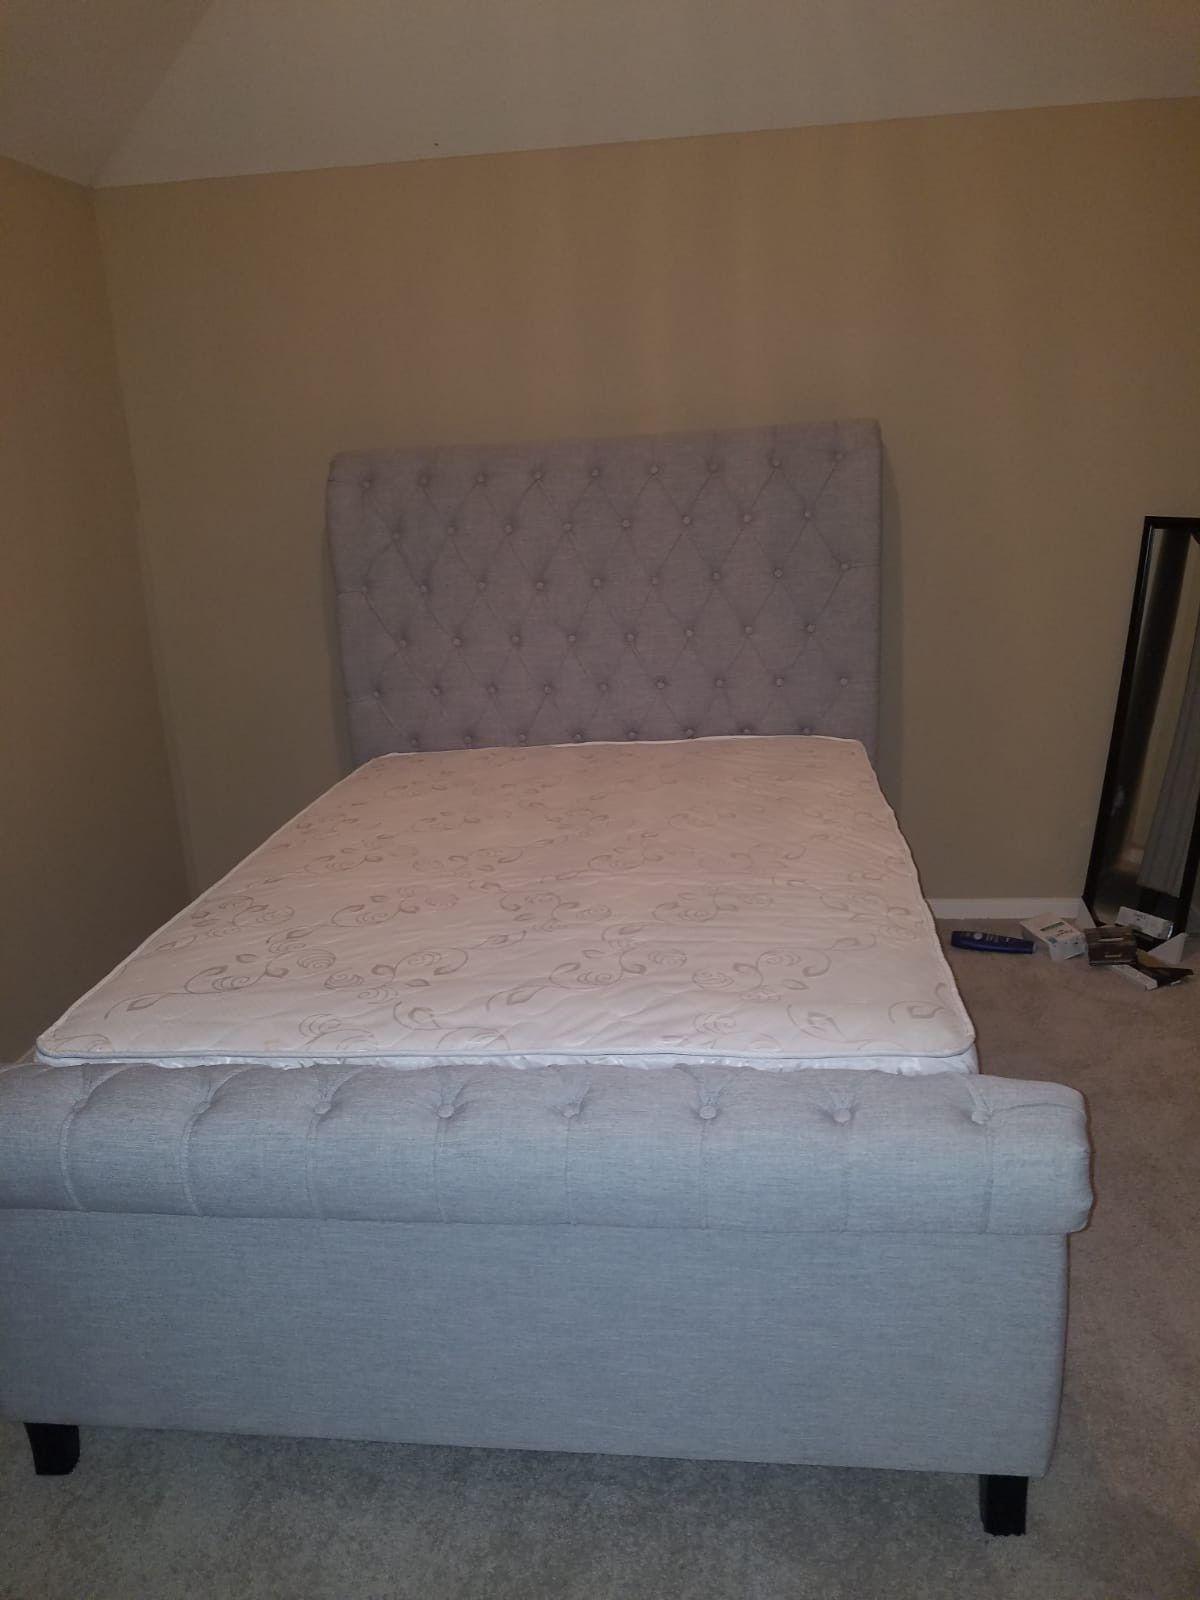 Queen bed frame whit mattress set